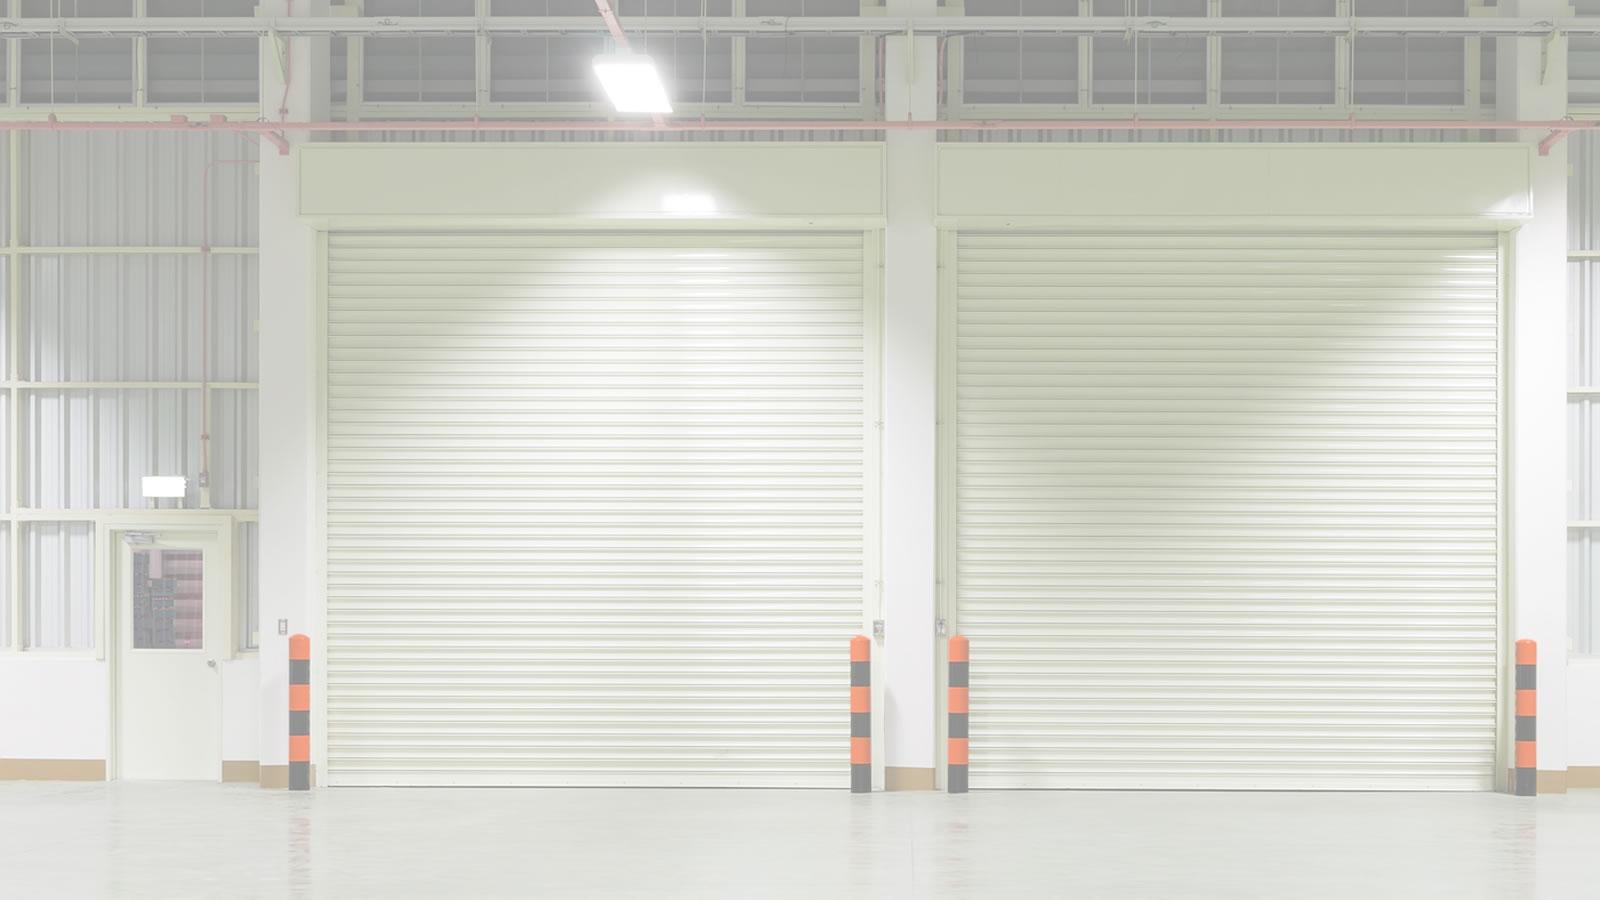 American best garage and overhead door repair in miami fl for Garage door opener miami fl